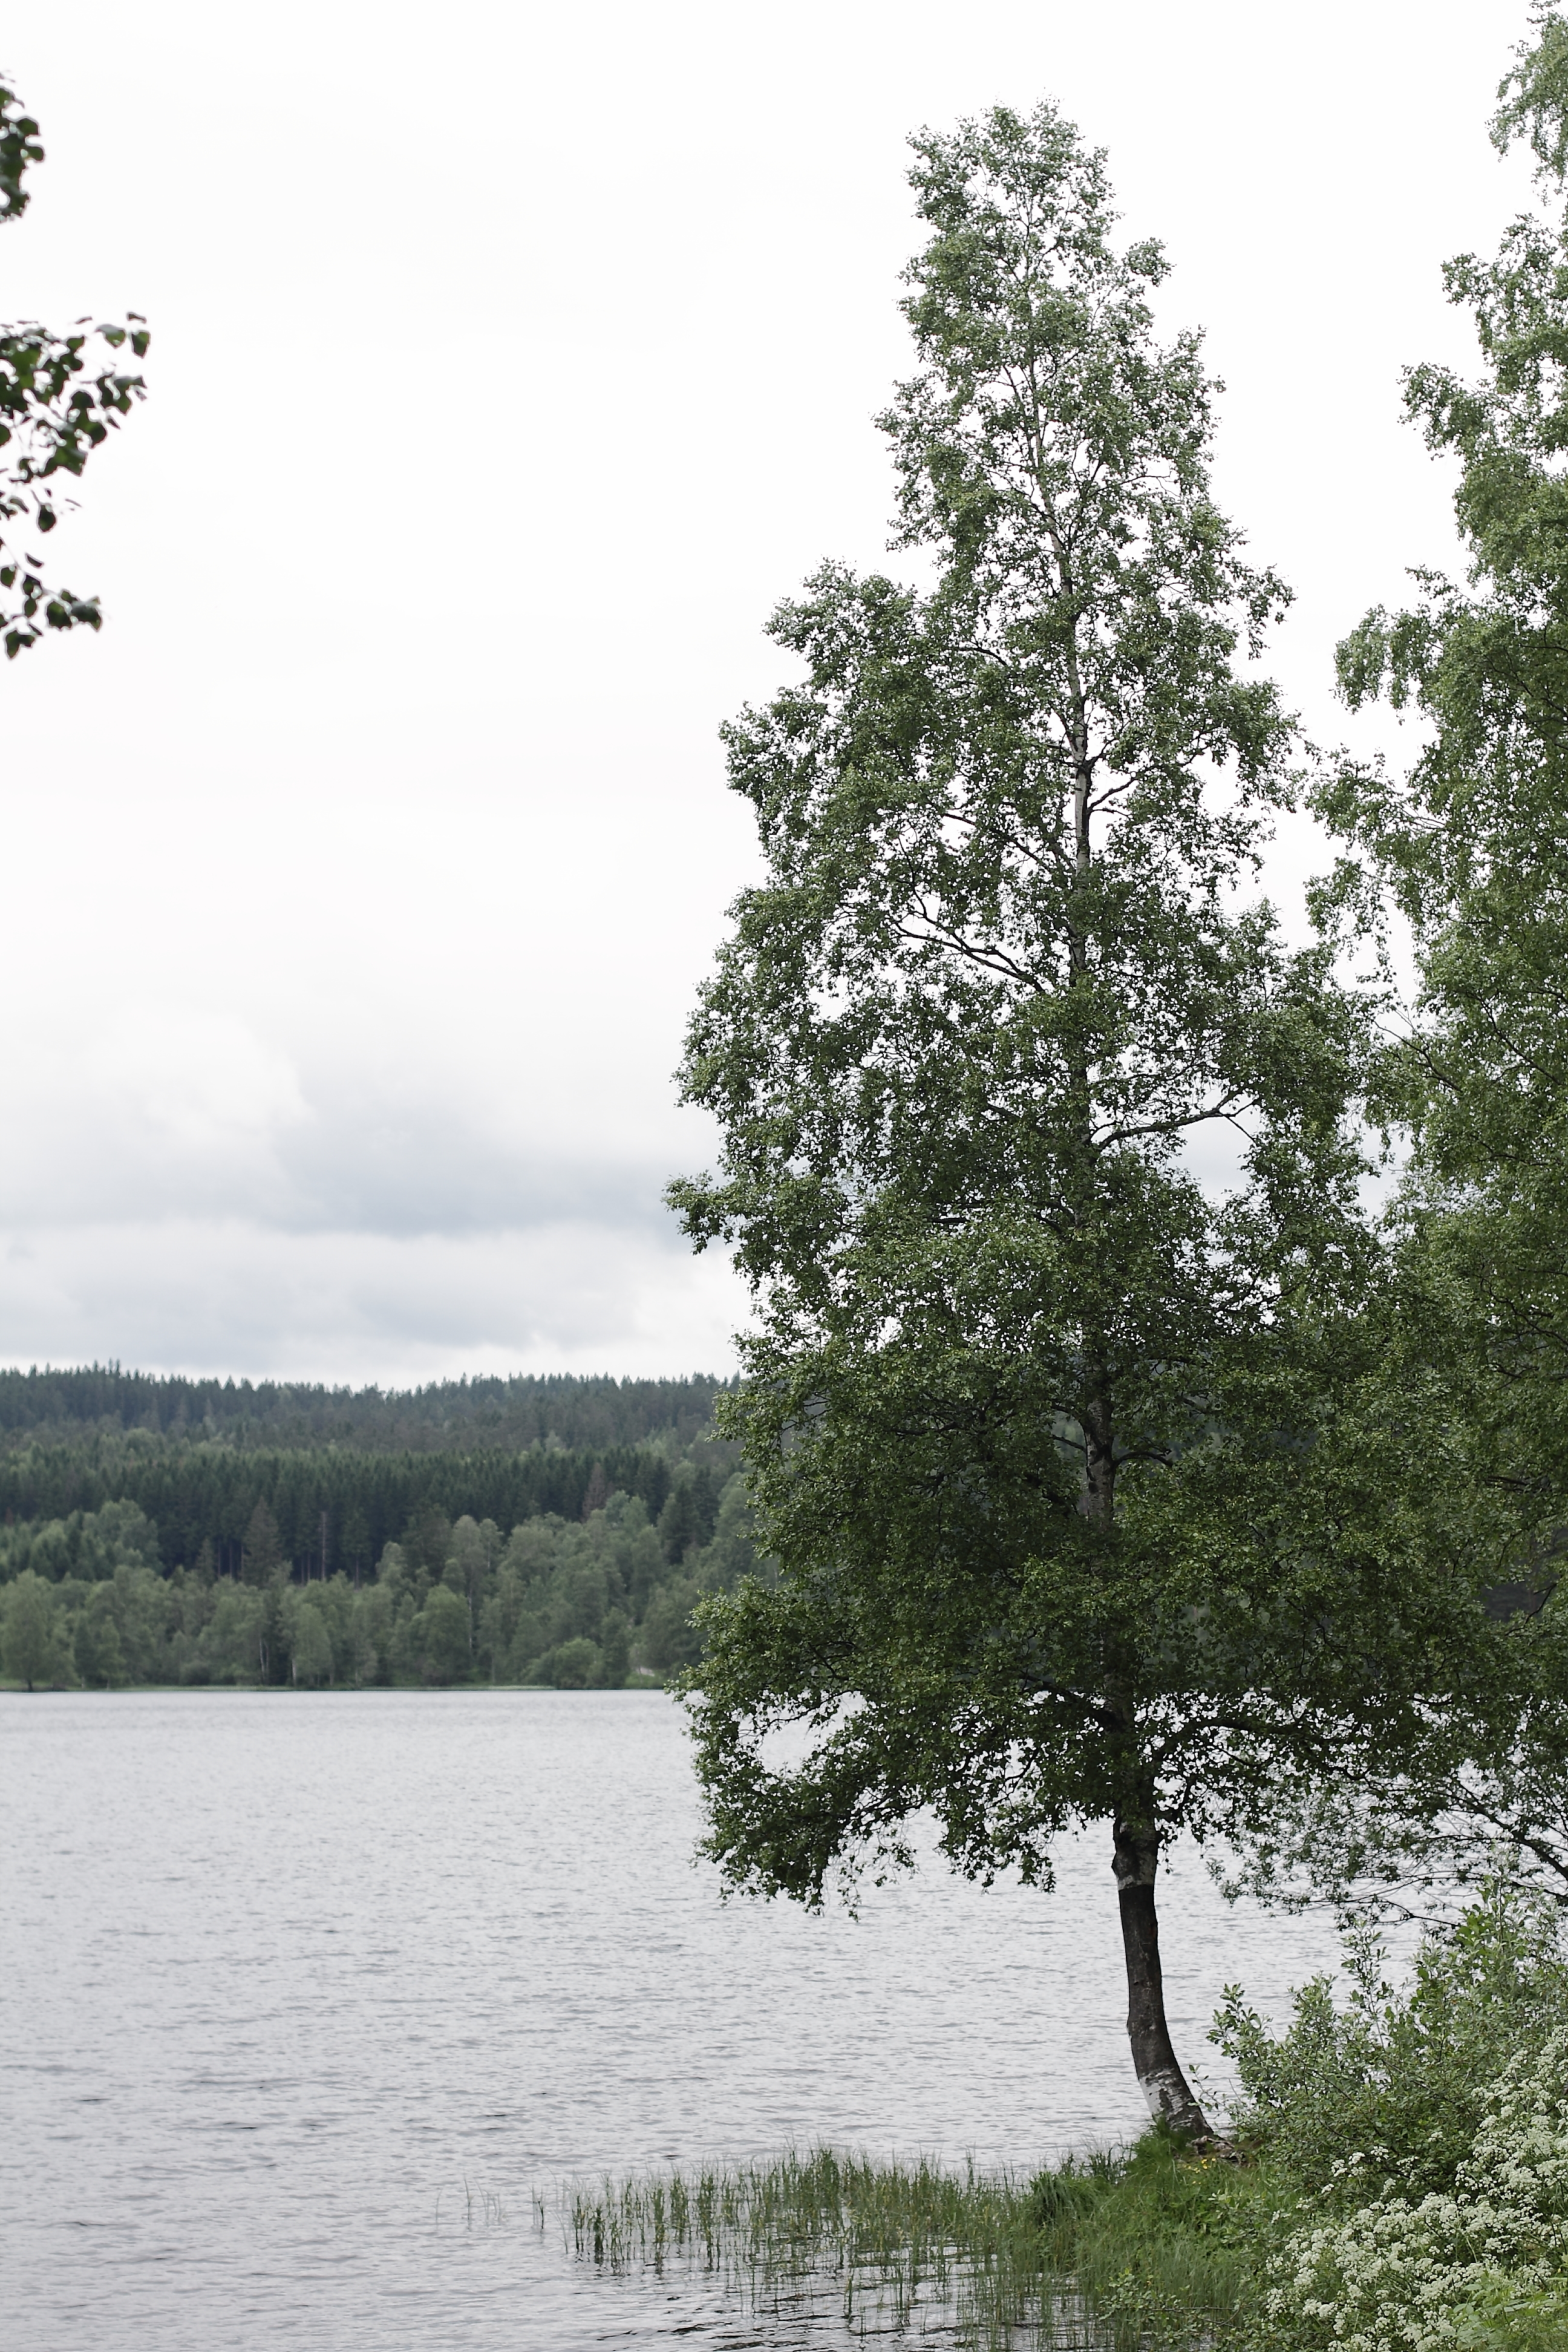 Oslo / Norway